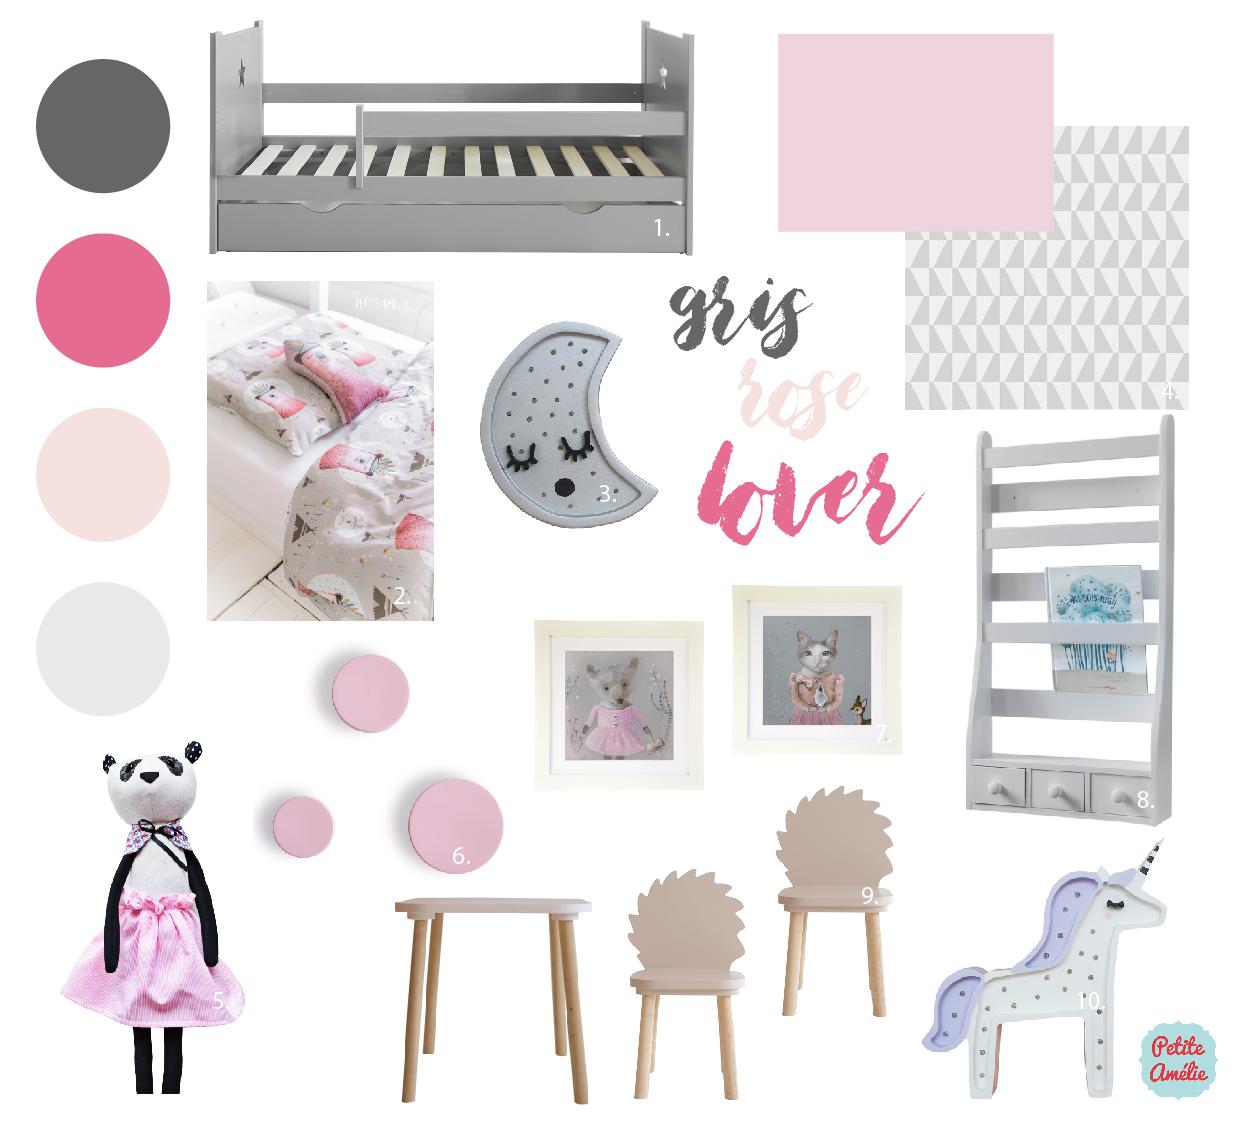 Blog - Inspiration en rose et gris pour une chambre de petite fille